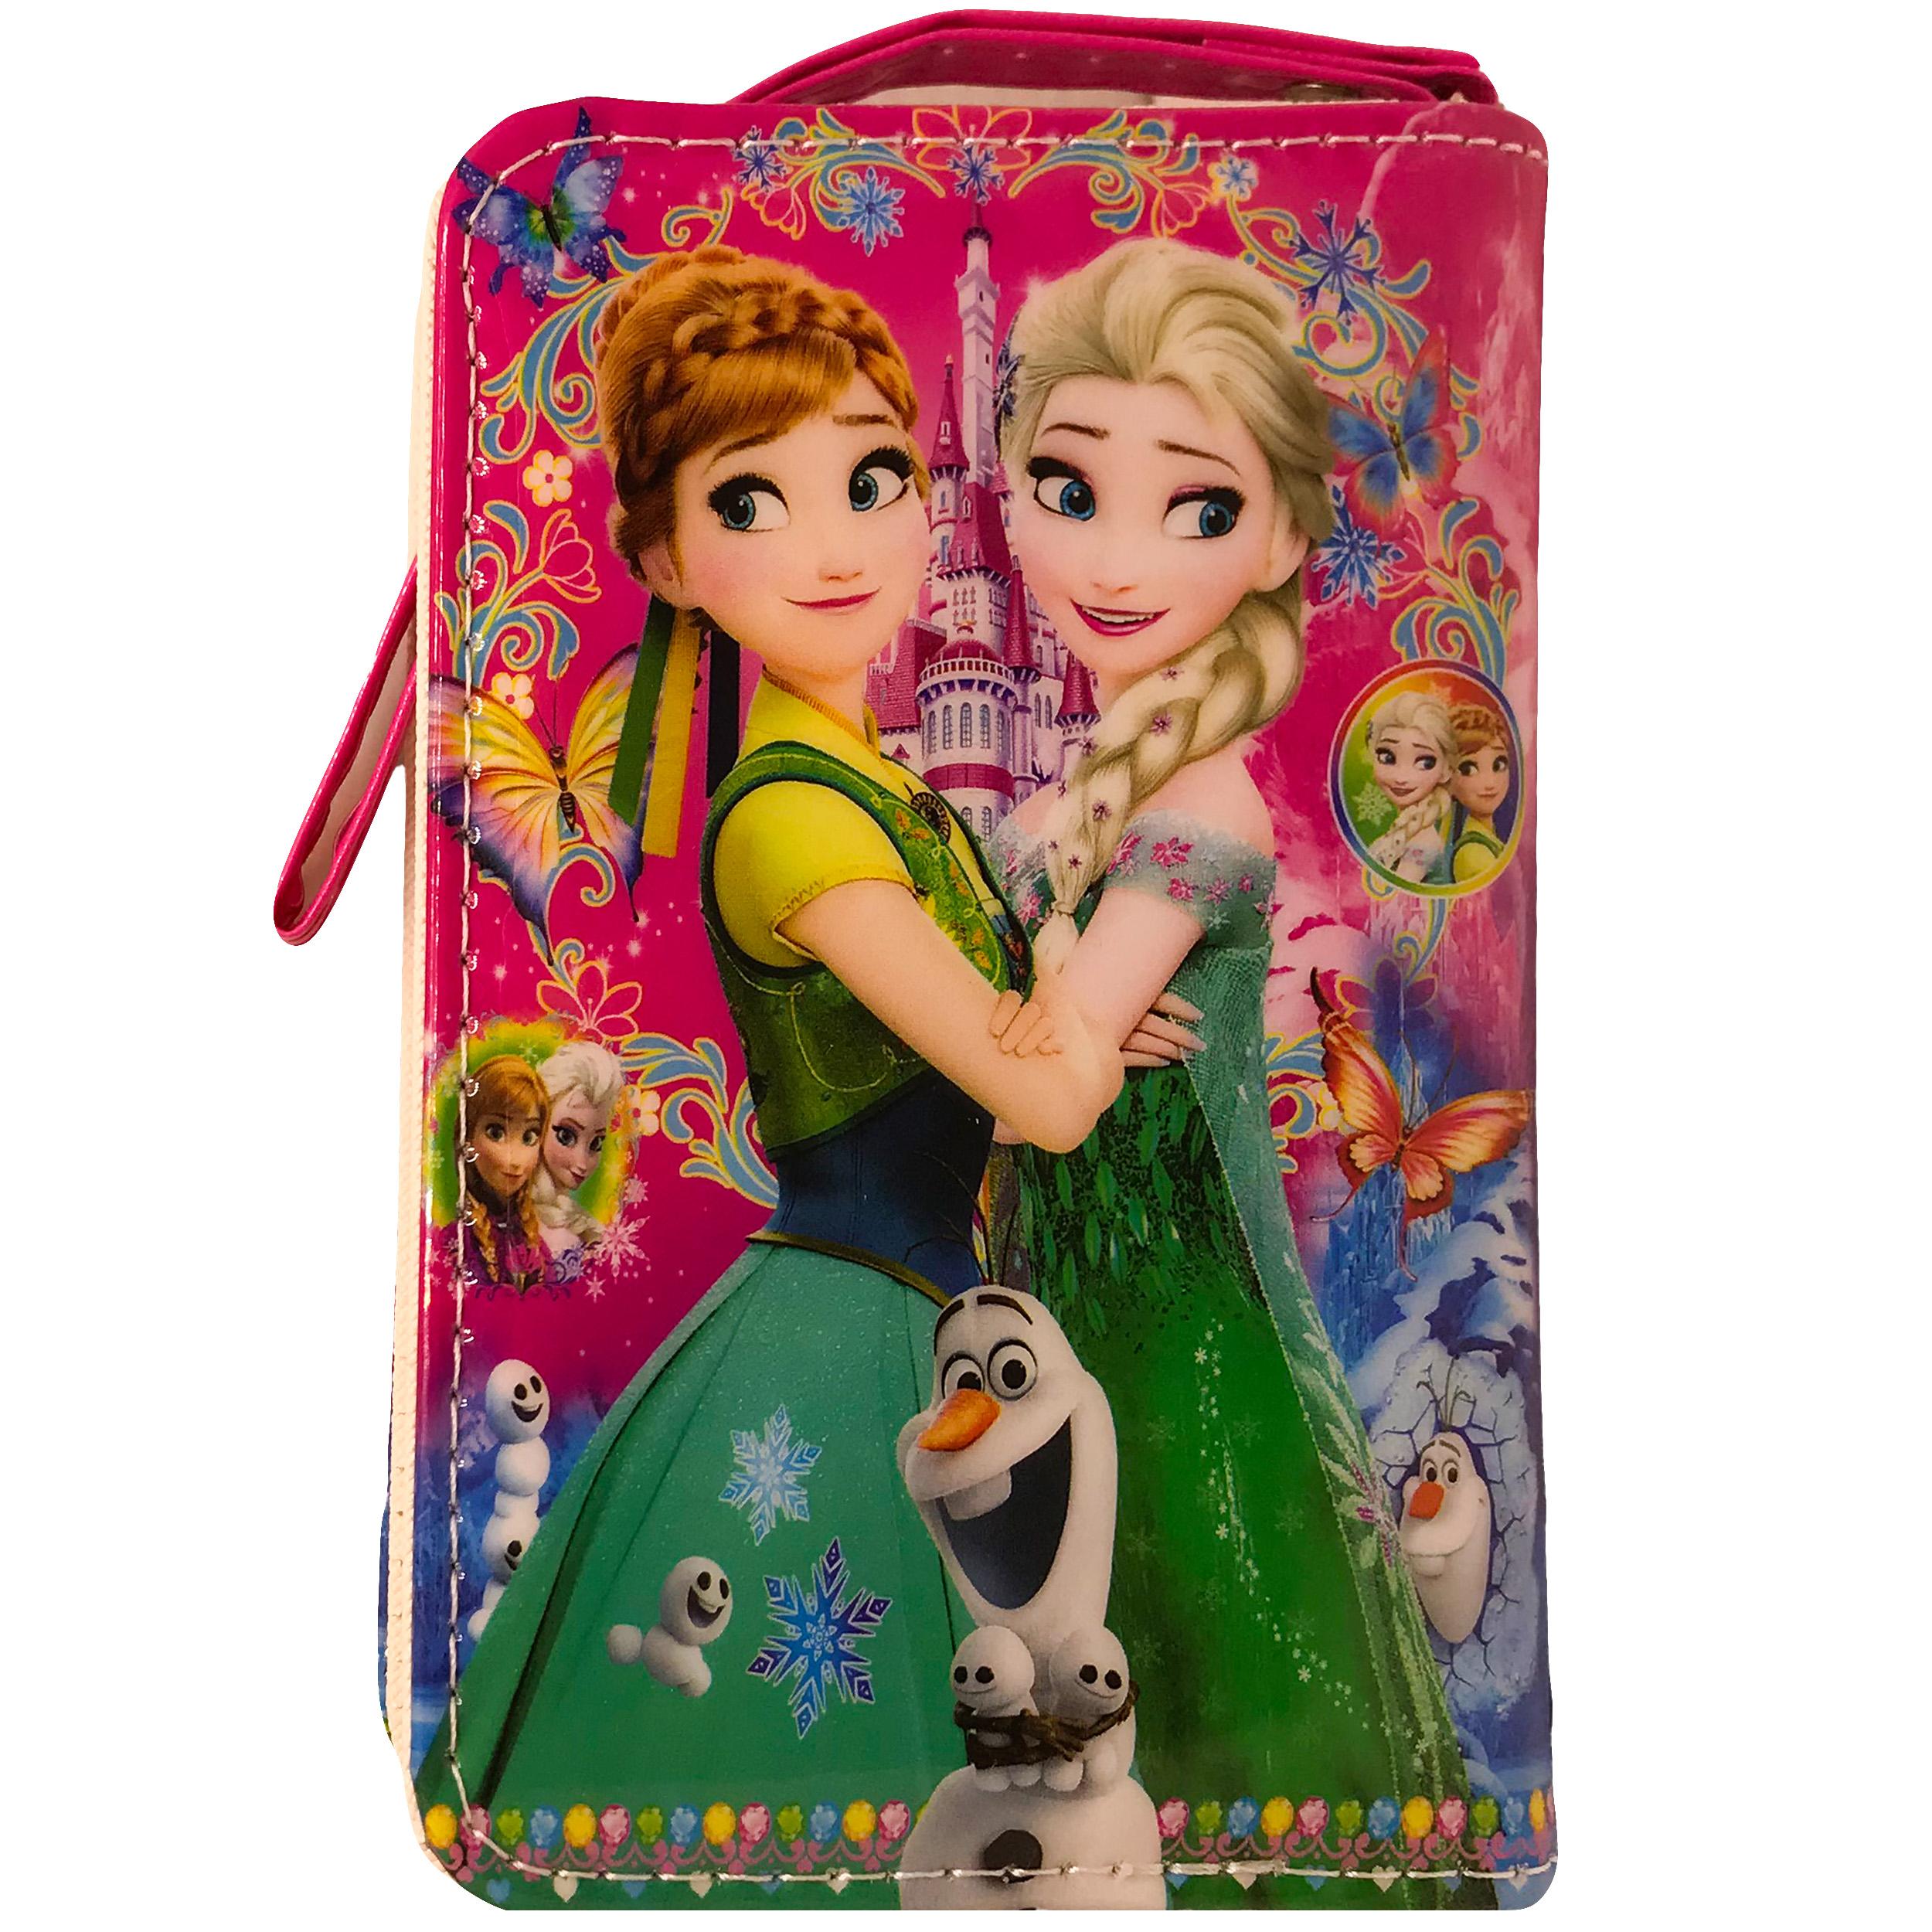 کیف پول بچگانه مدل فروزن